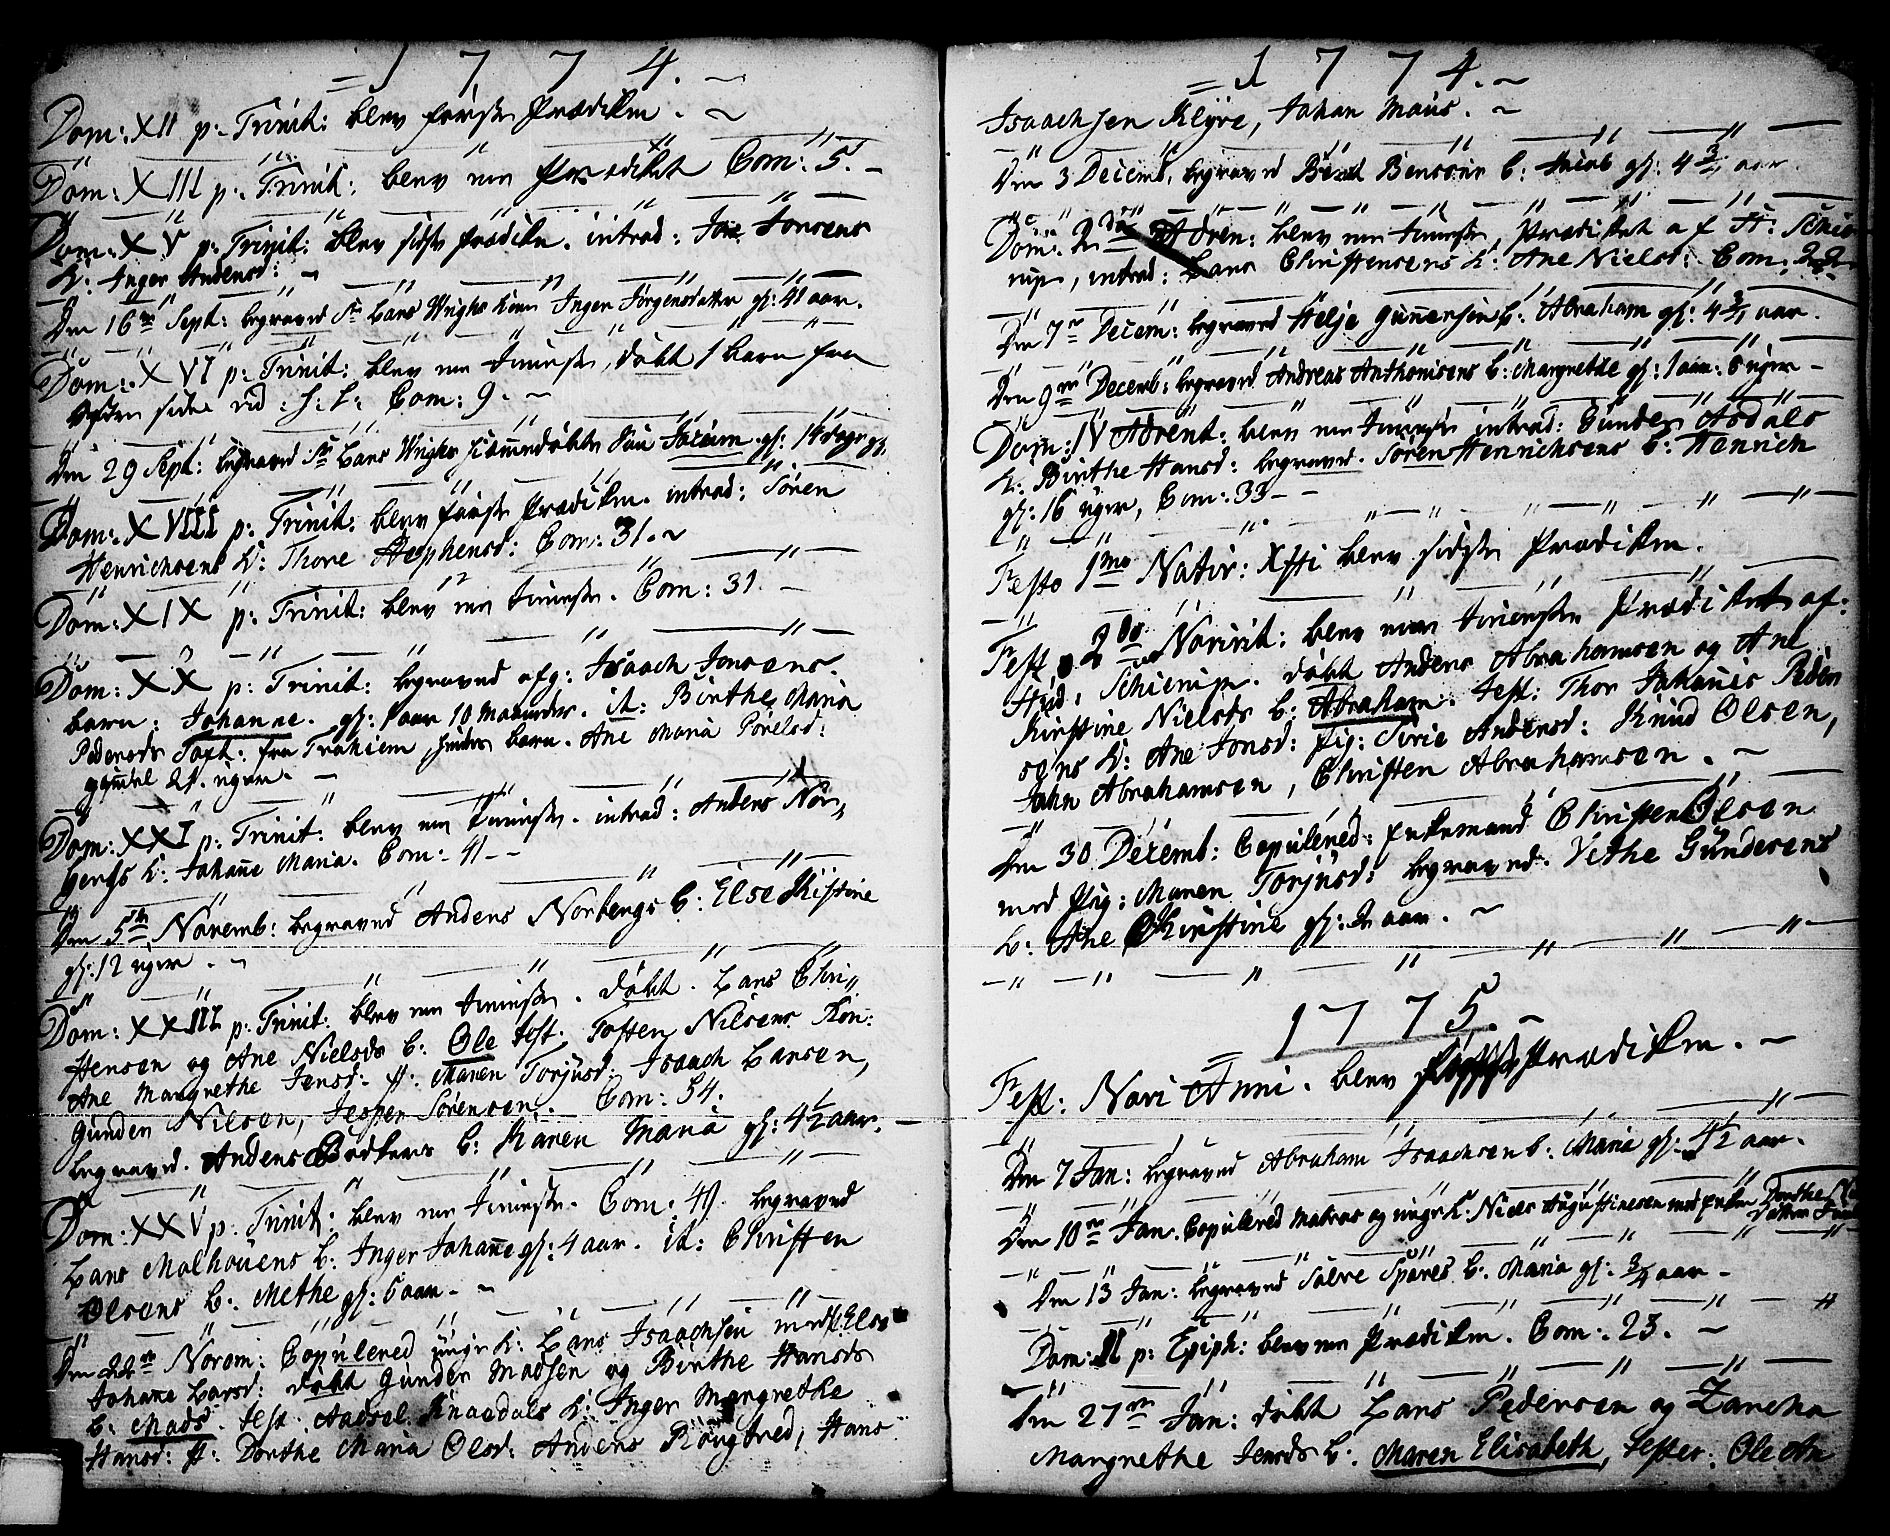 SAKO, Porsgrunn kirkebøker , F/Fa/L0001: Ministerialbok nr. 1, 1764-1814, s. 58-59